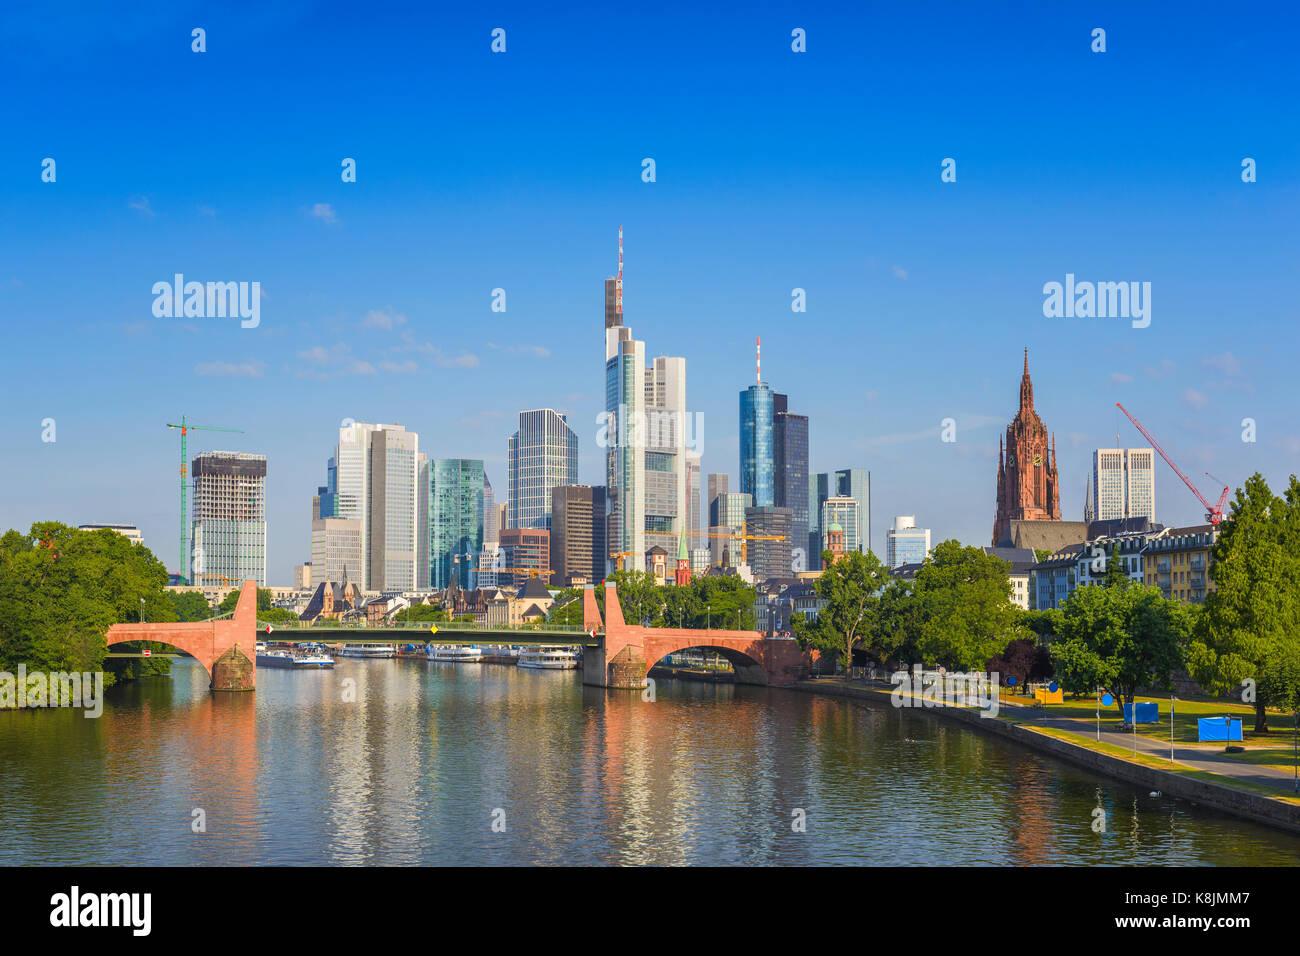 Frankfurt City skyline at Business district, Francfort, Allemagne Photo Stock